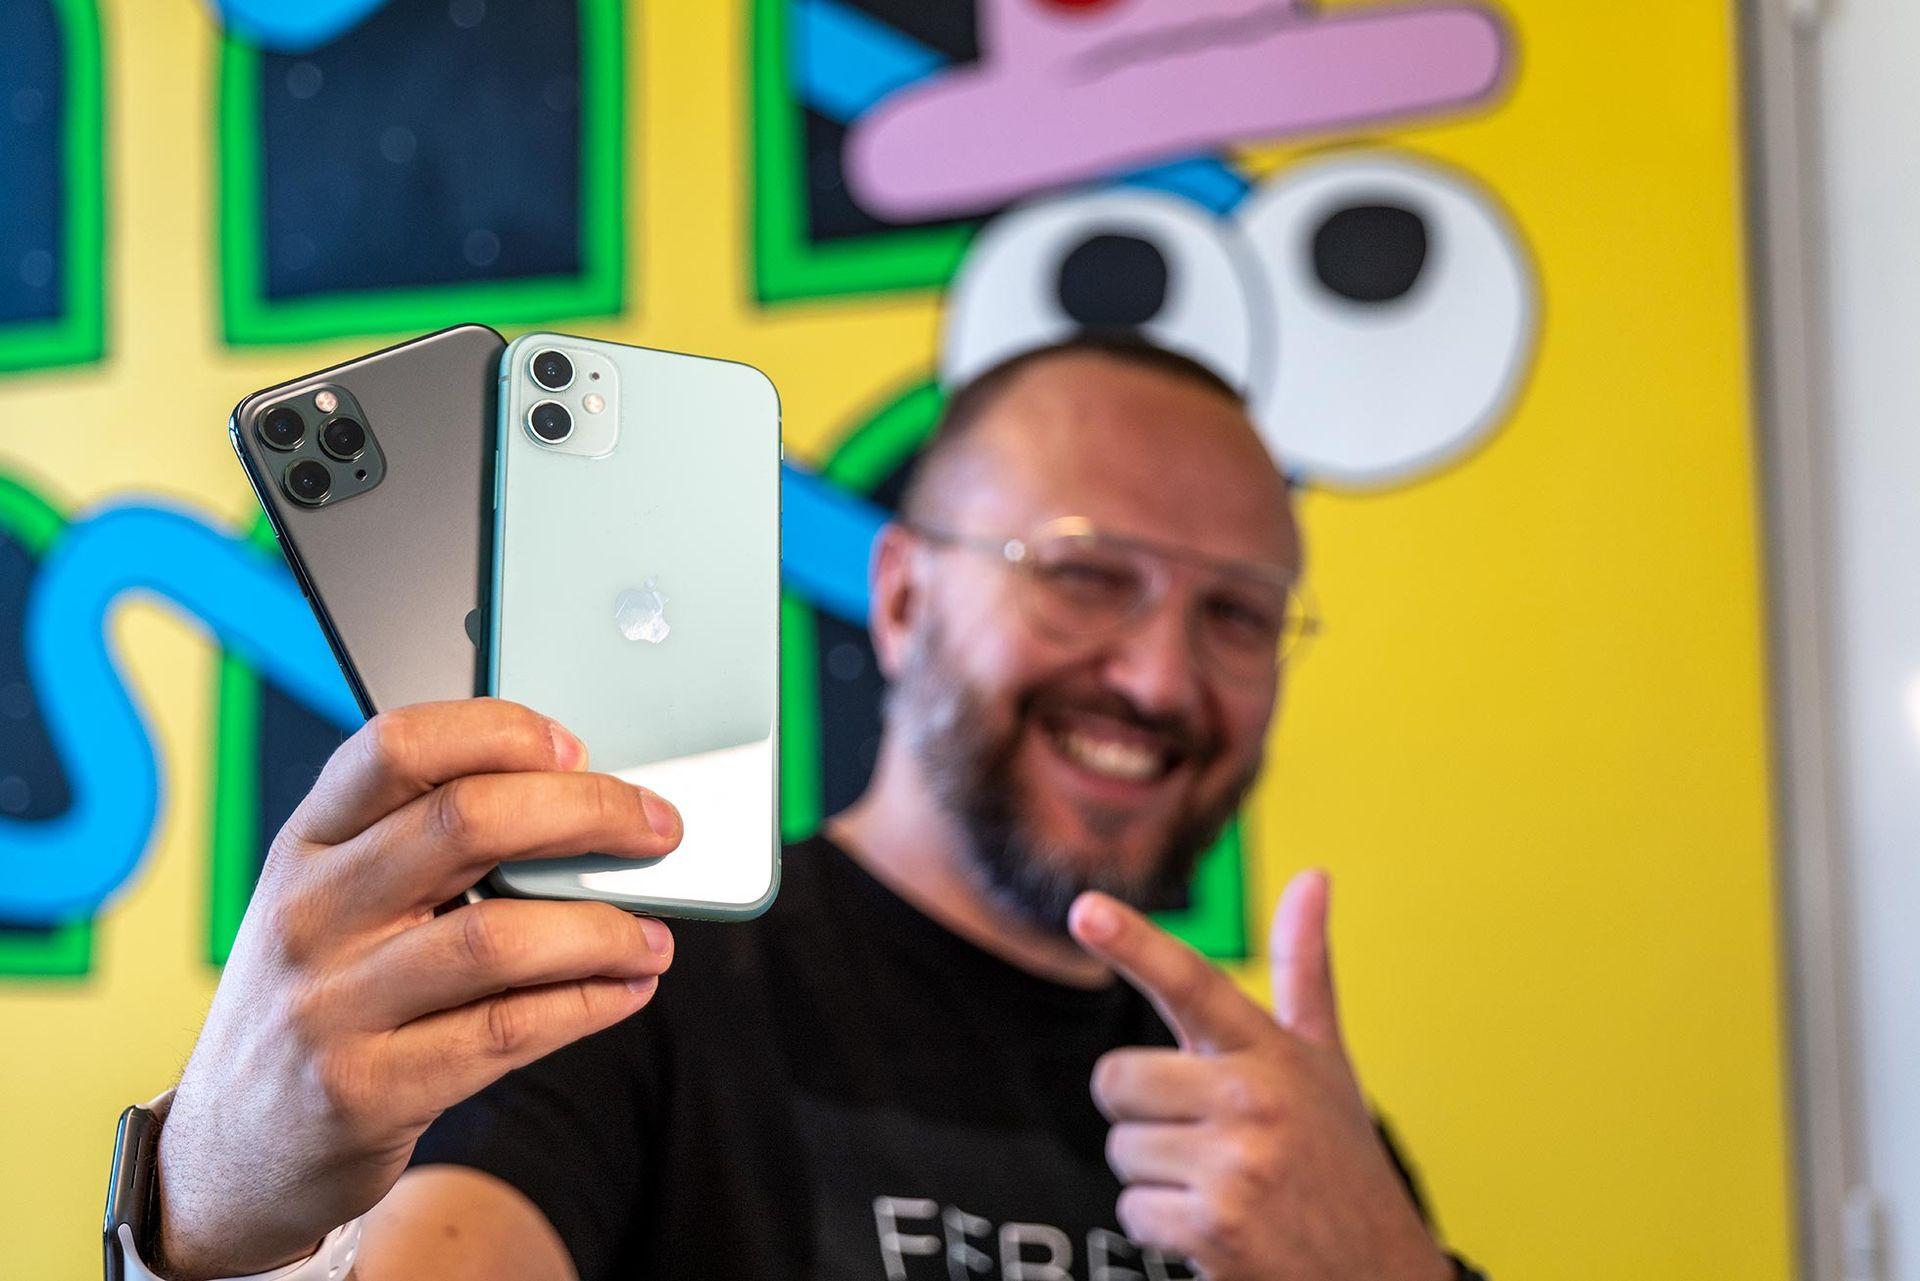 Första svenska testet av nya iPhone 11 och iPhone 11 Pro Max